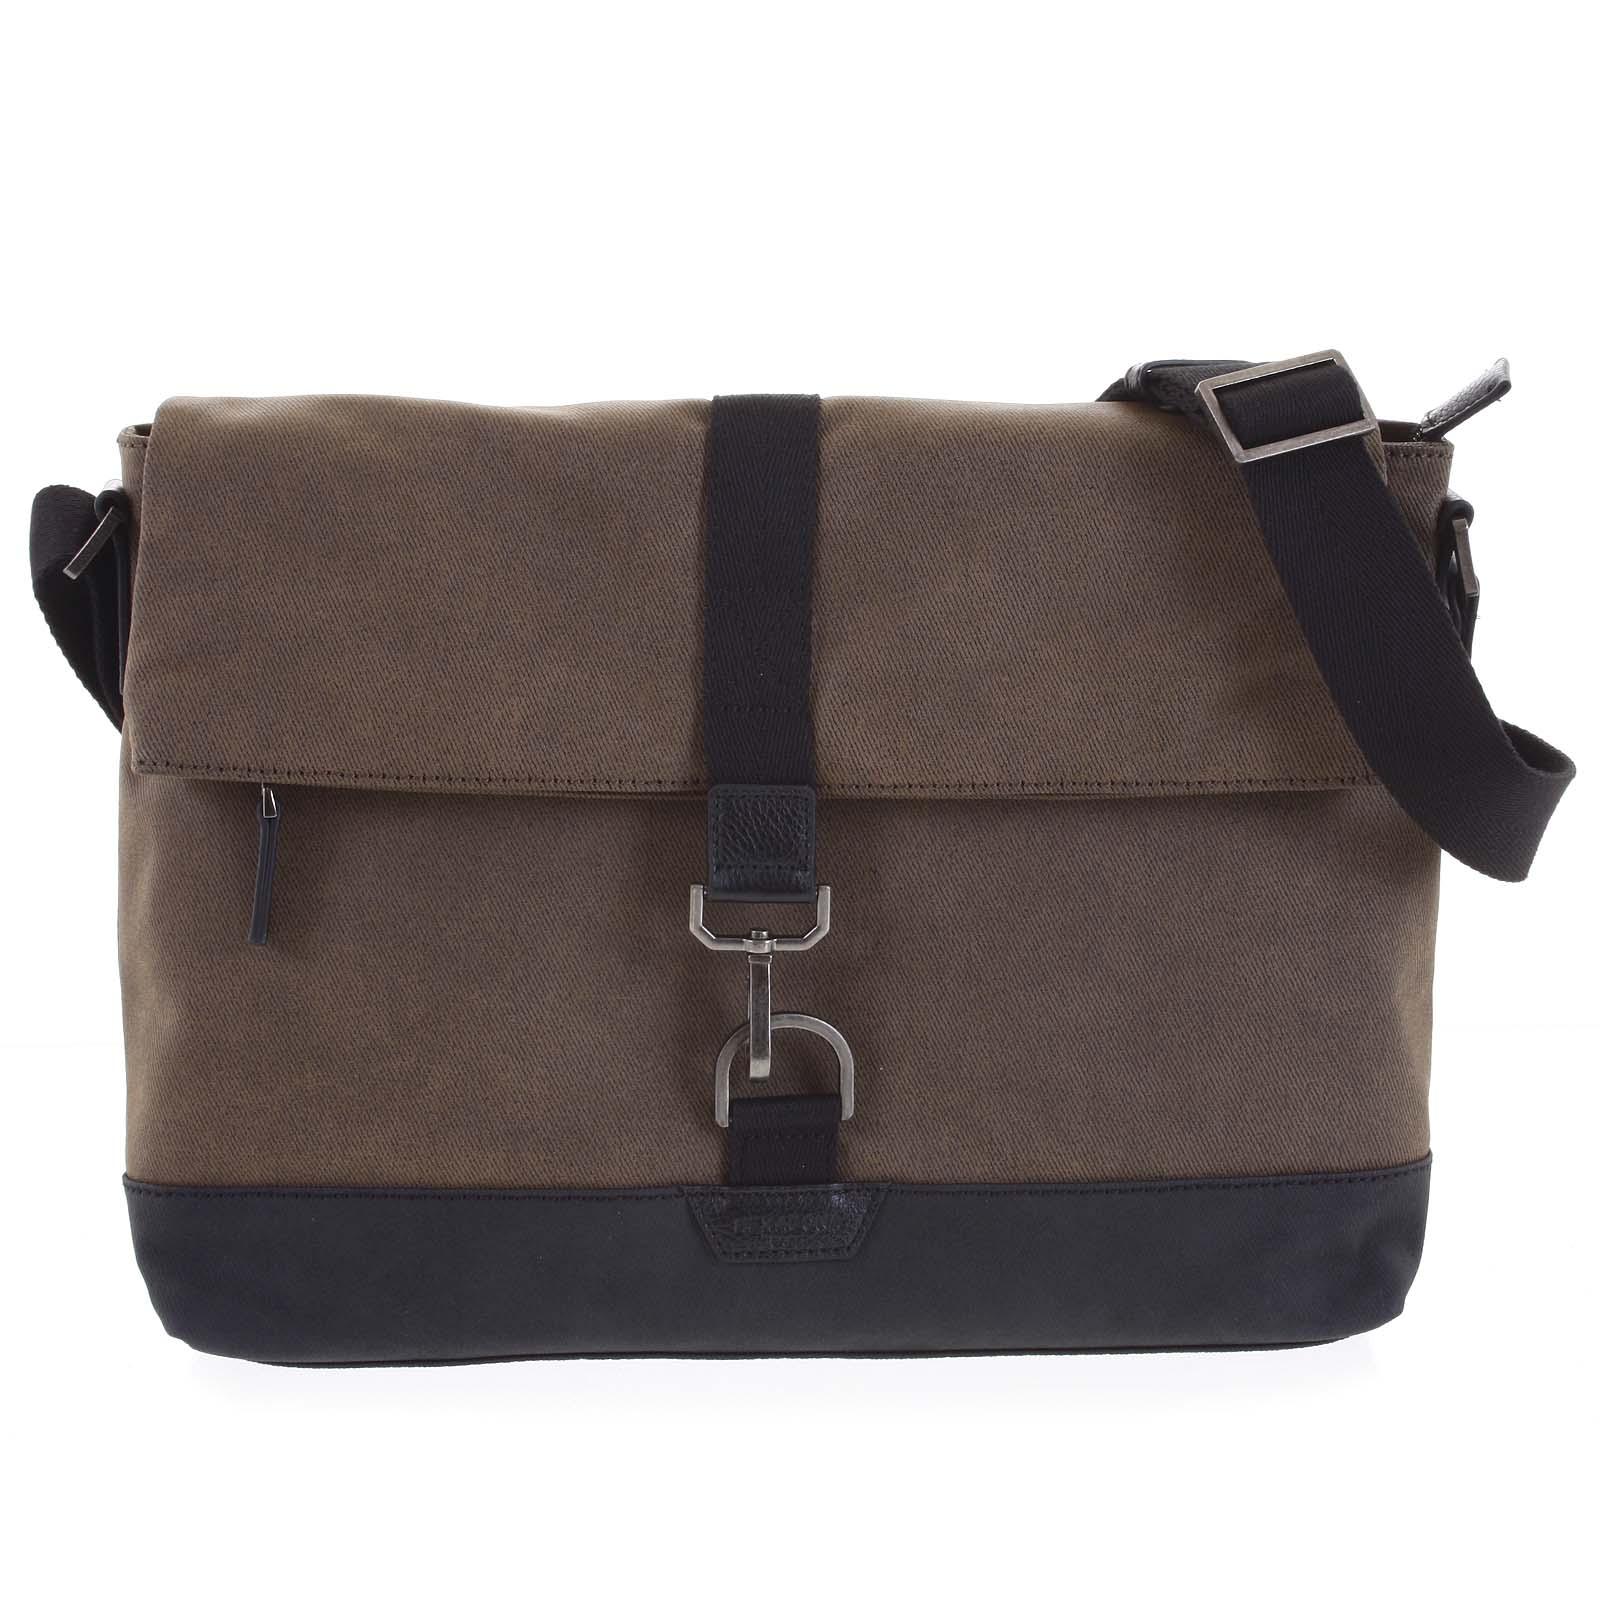 Pánska taška na notebook hnedá - Hexagona Cladrien